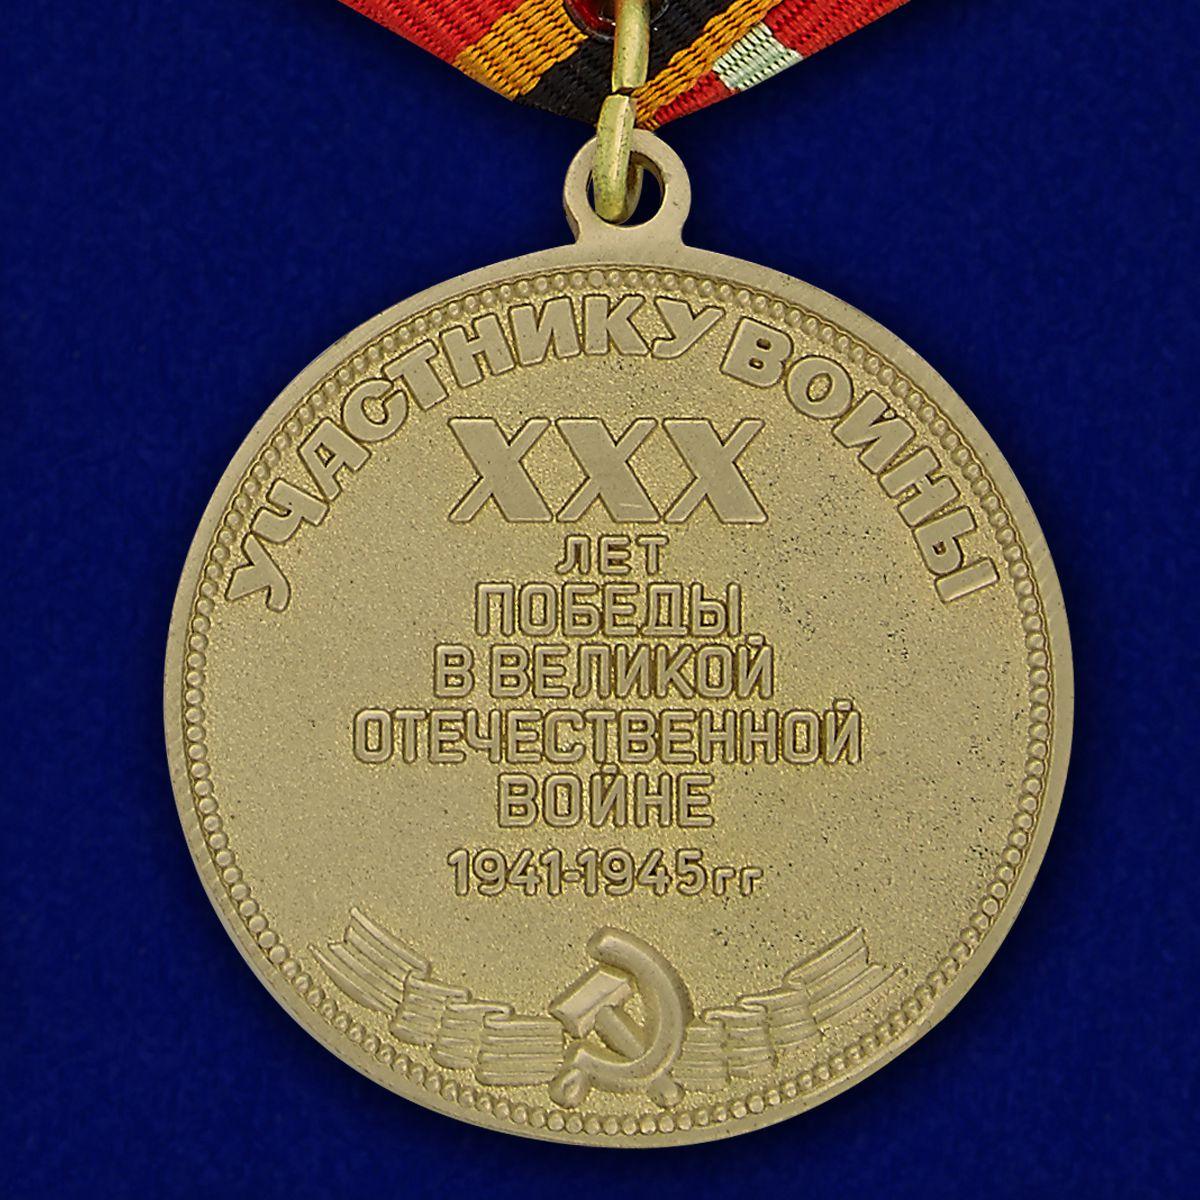 Реверс юбилейной медали к 30-летию Великой победы в ВОВ 1941-1945 г.